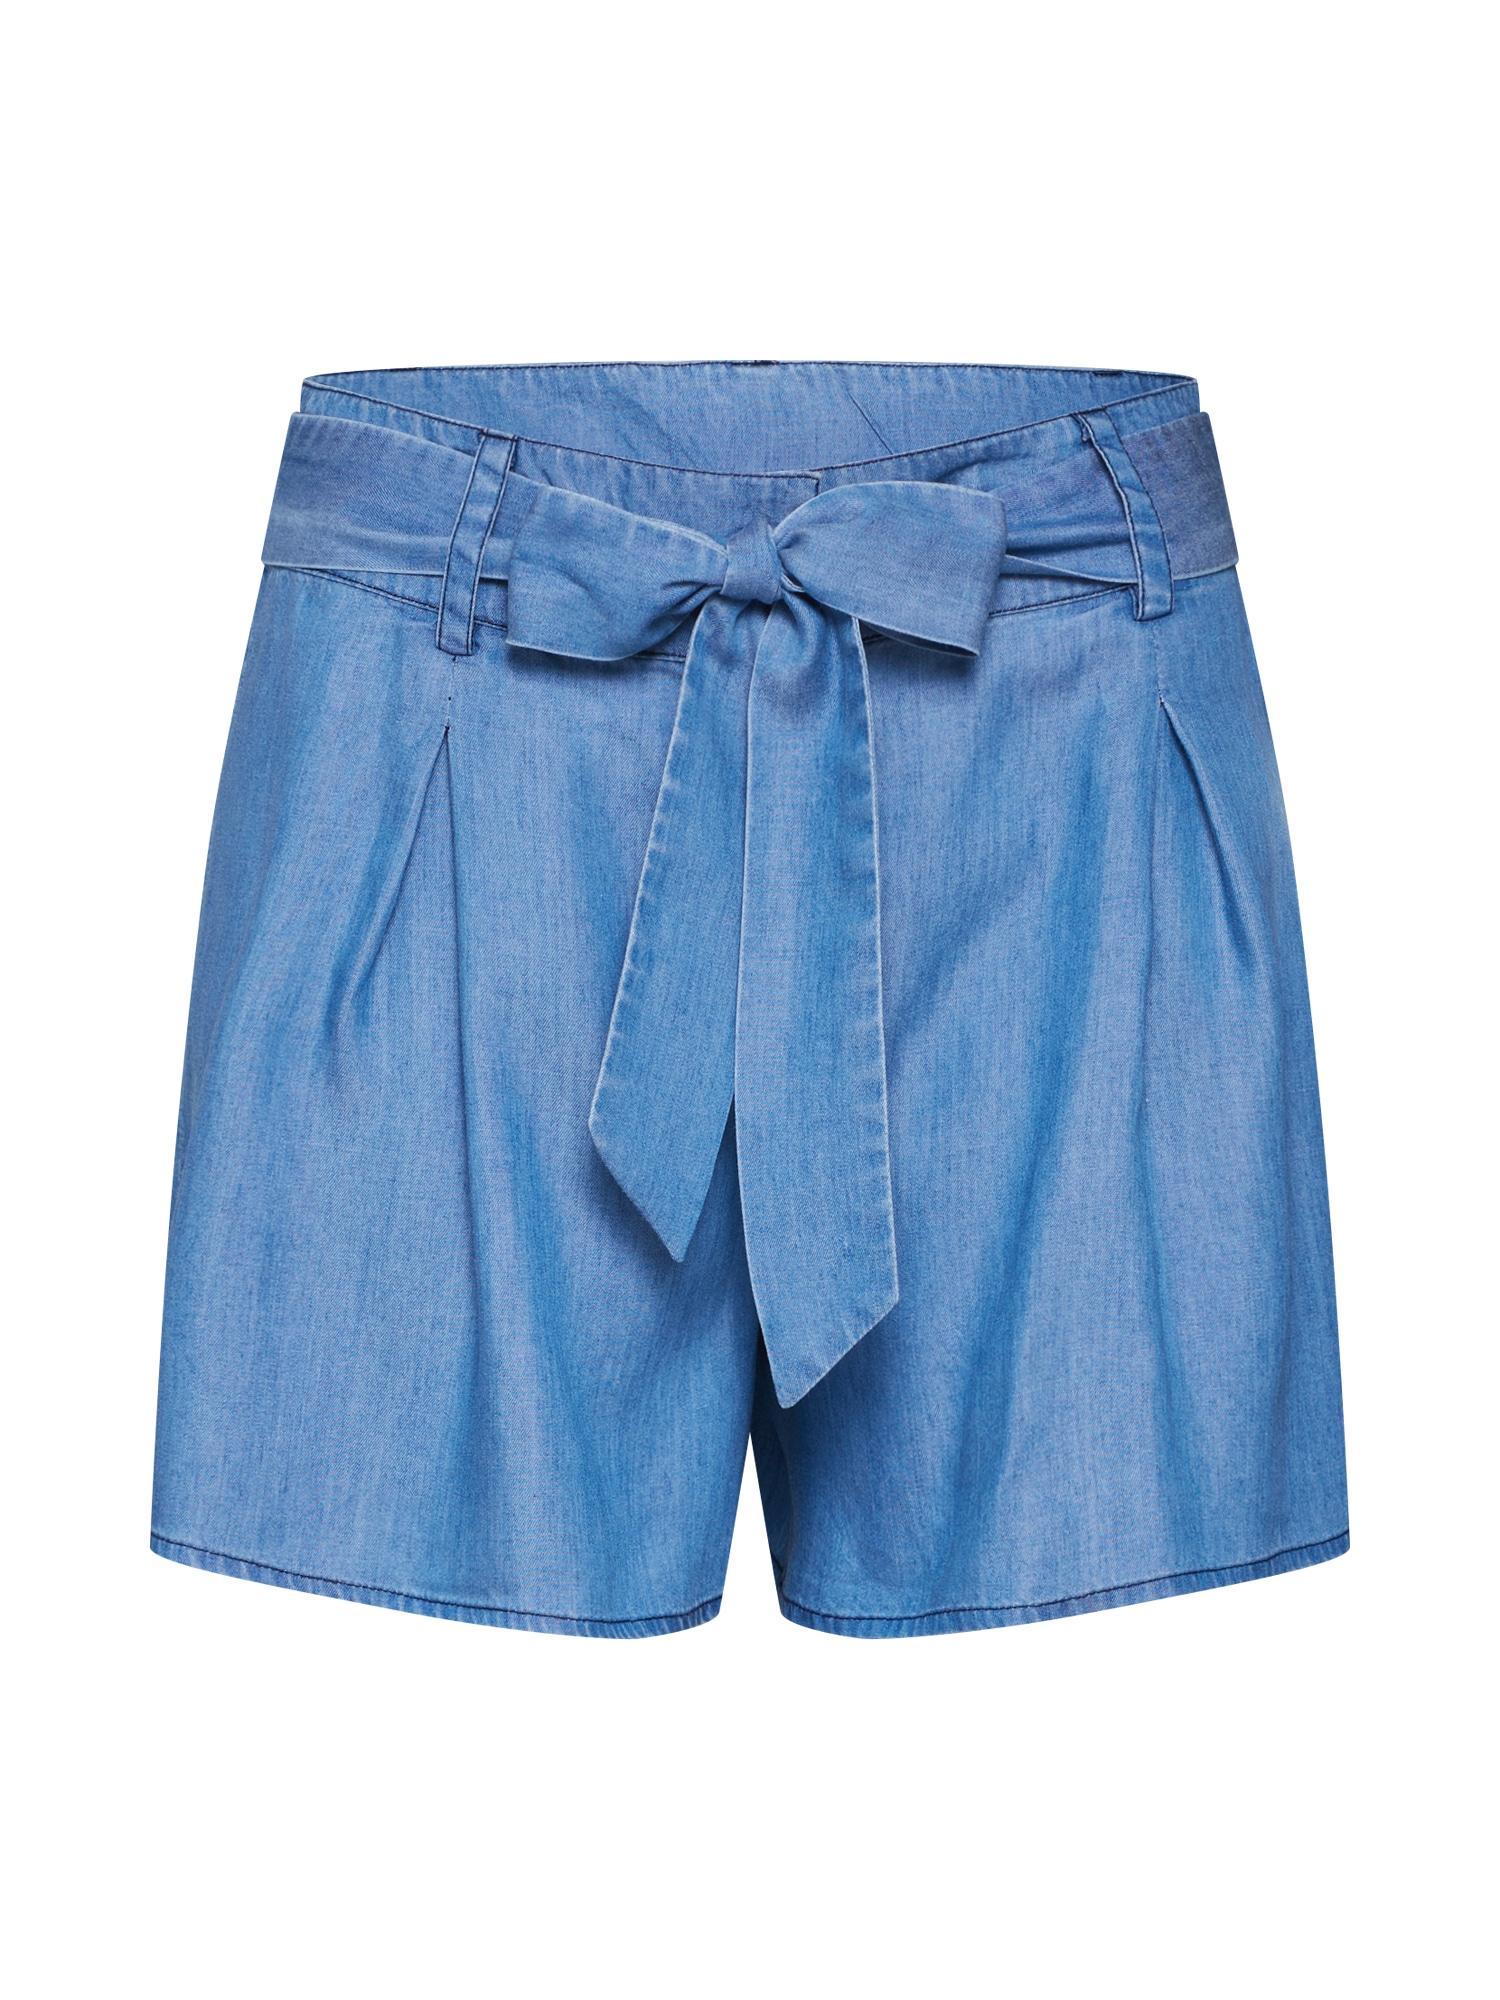 Kalhoty Caro modrá džínovina ABOUT YOU